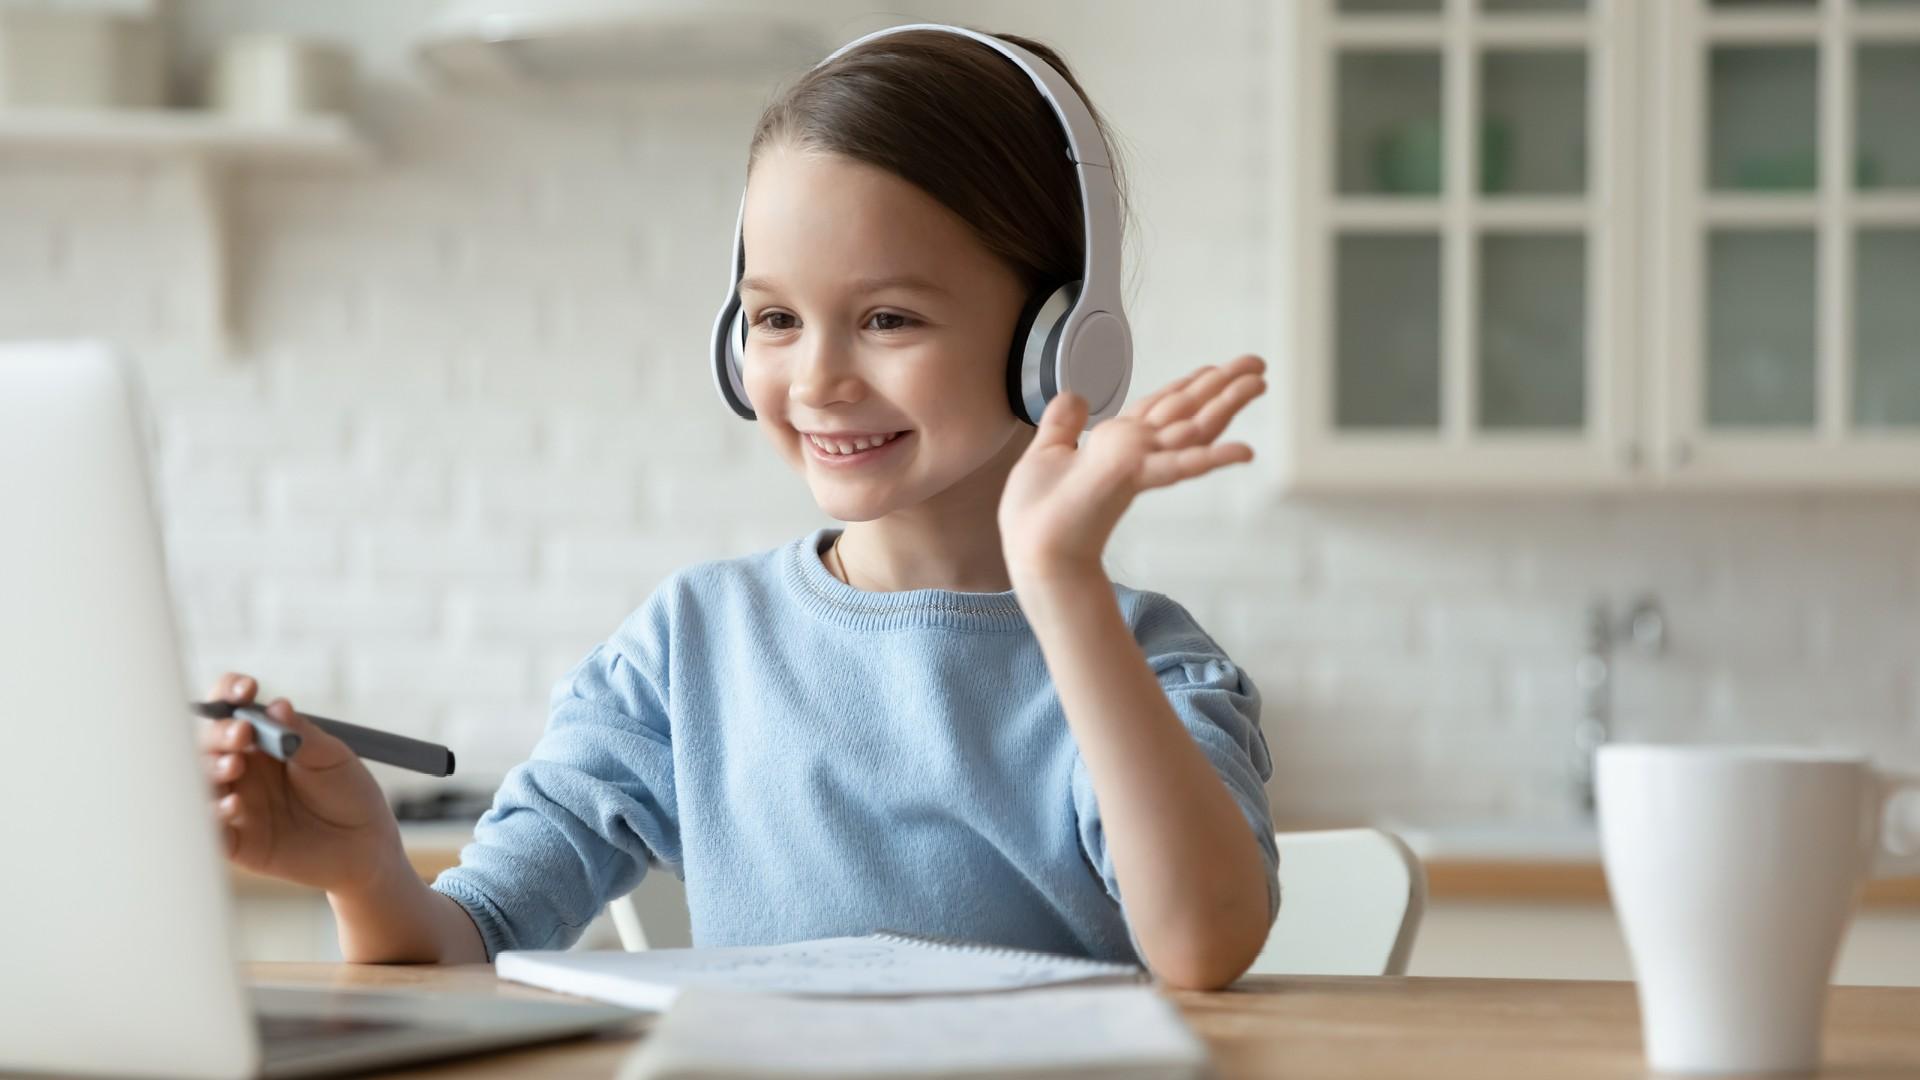 Bambina che segue una lezione online